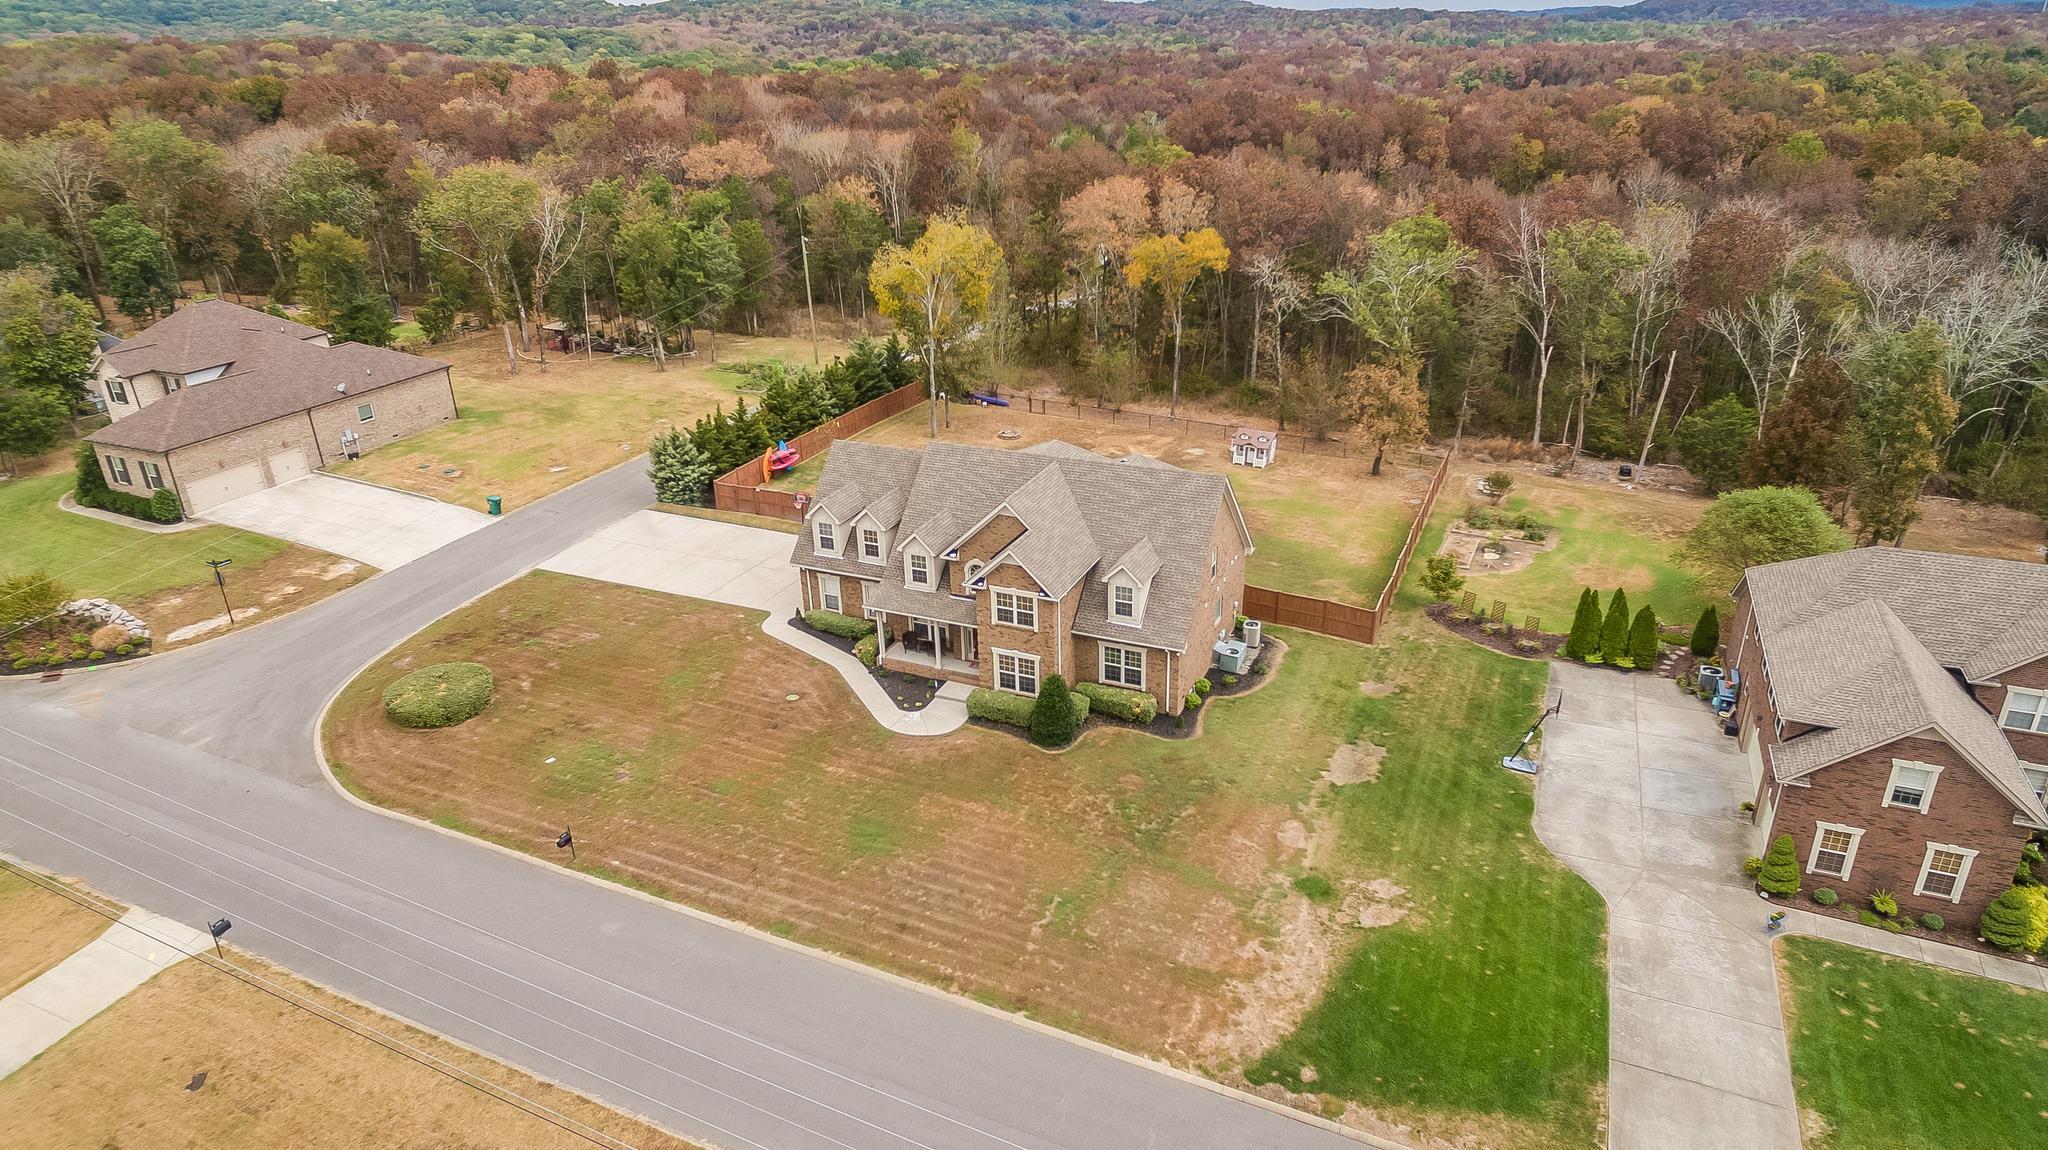 5340 Stonewood Dr, Smyrna, TN 37167 - Smyrna, TN real estate listing